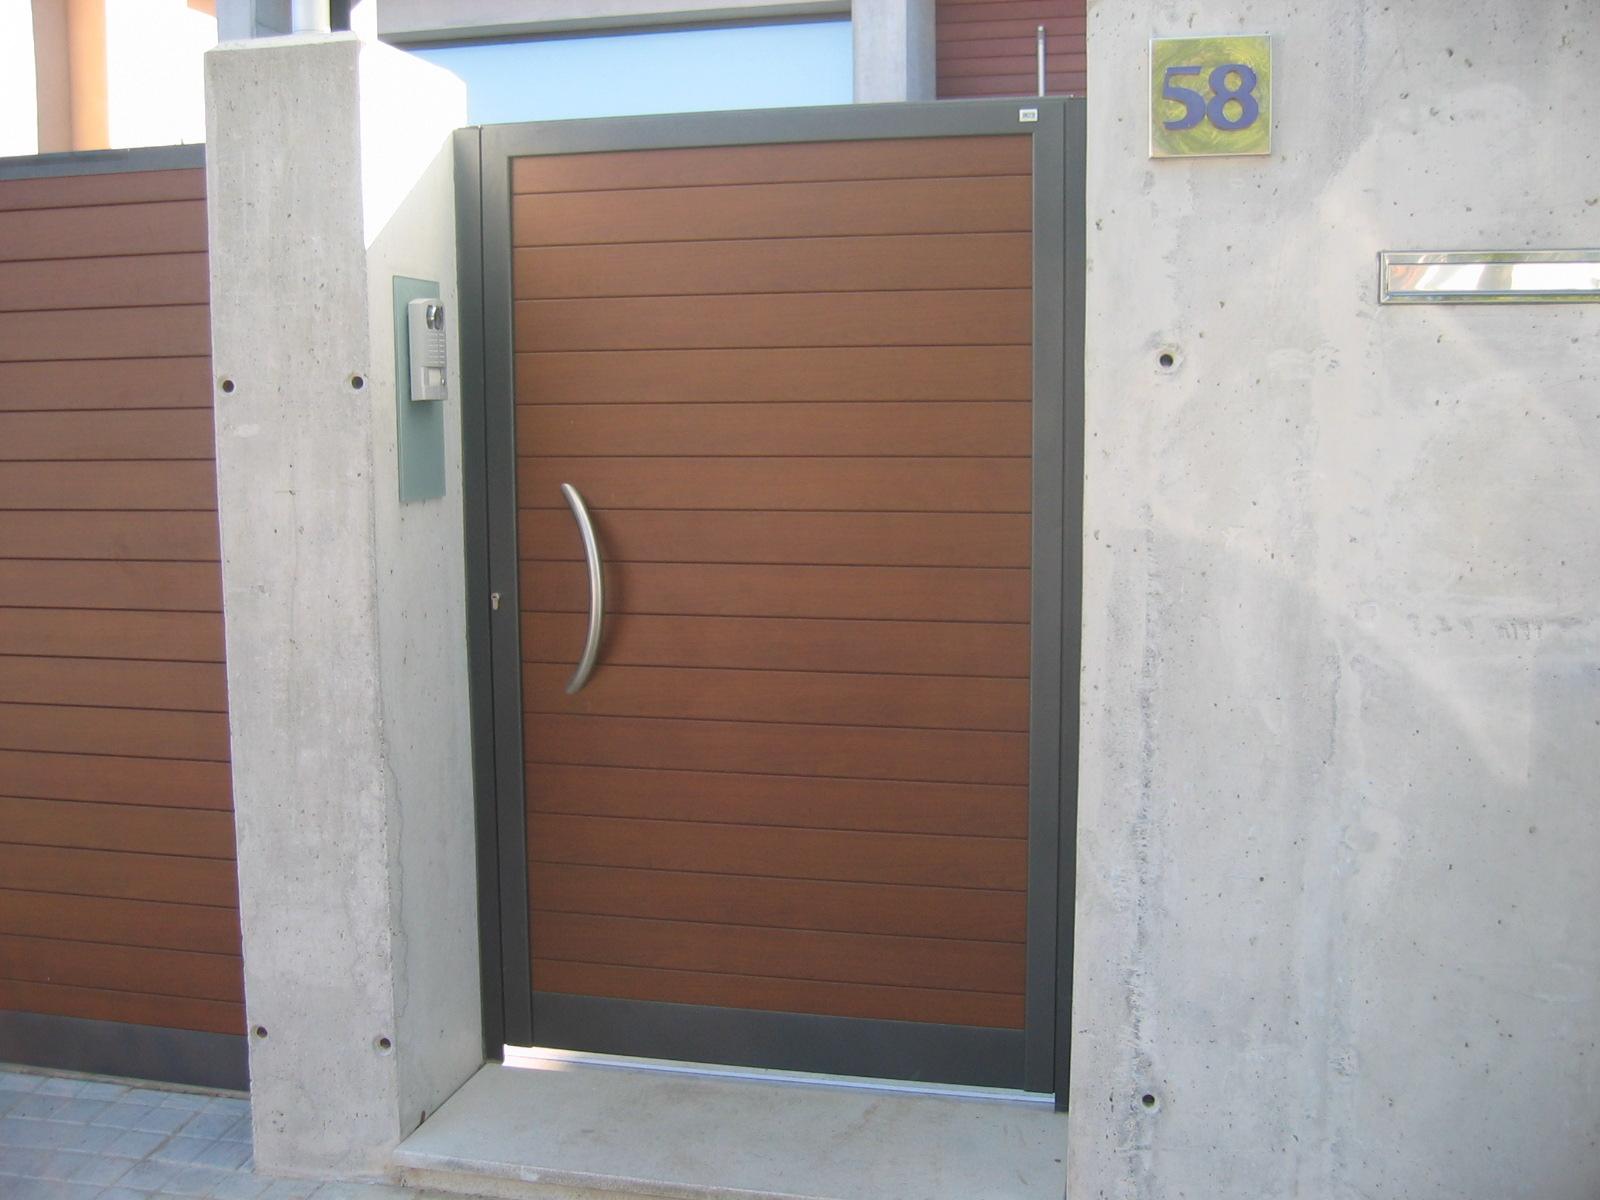 Ancesa puerta de aluminio para la entrada del jard n for Puertas jardin aluminio